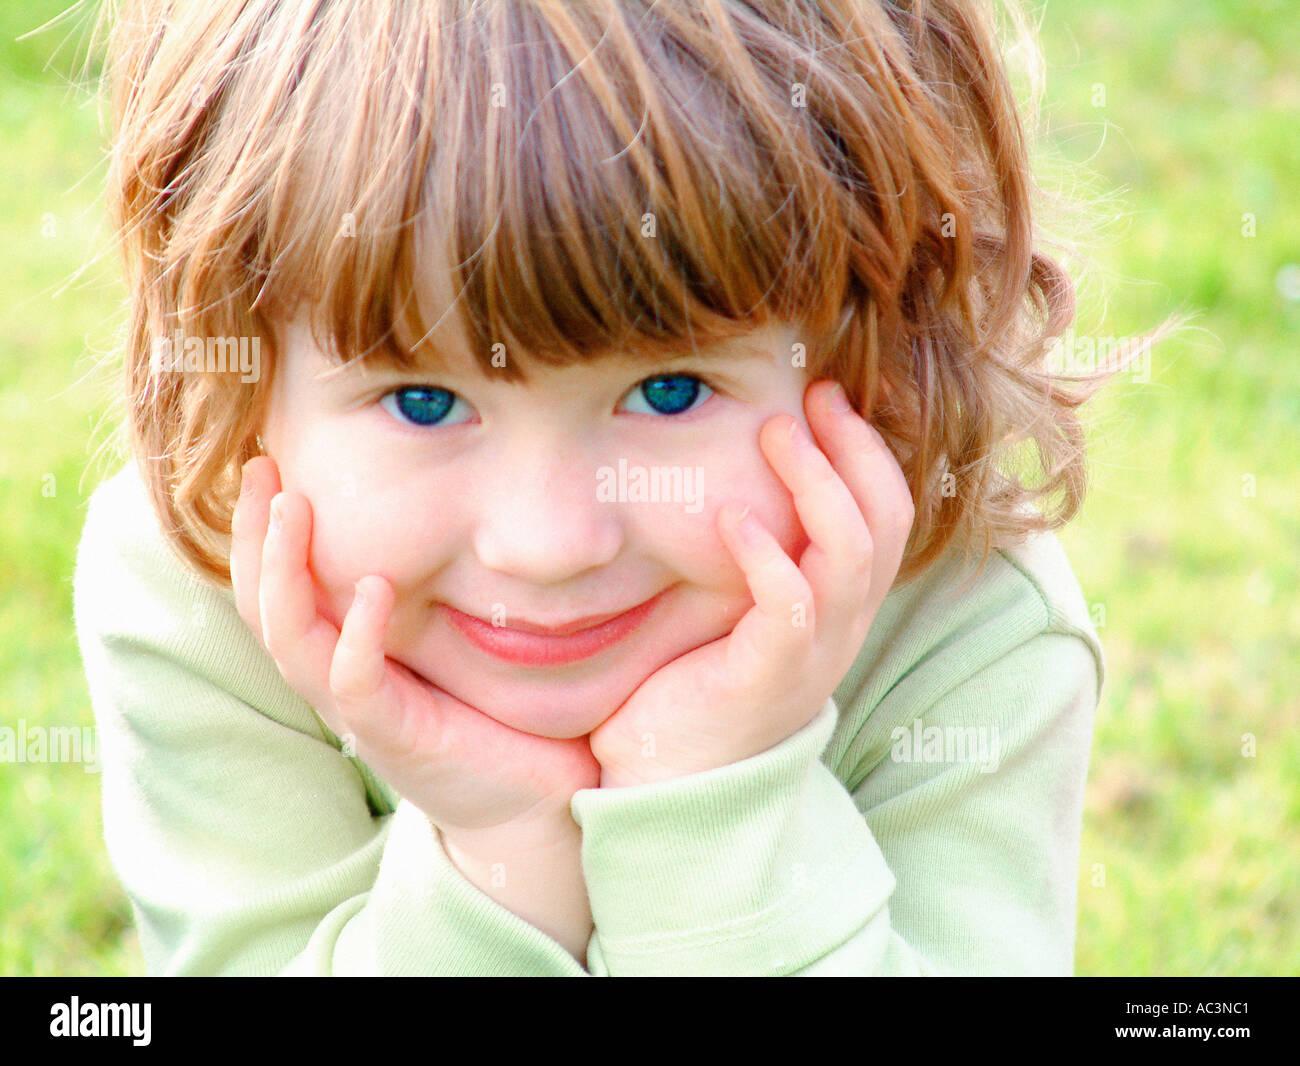 Pretty Face - Stock Image